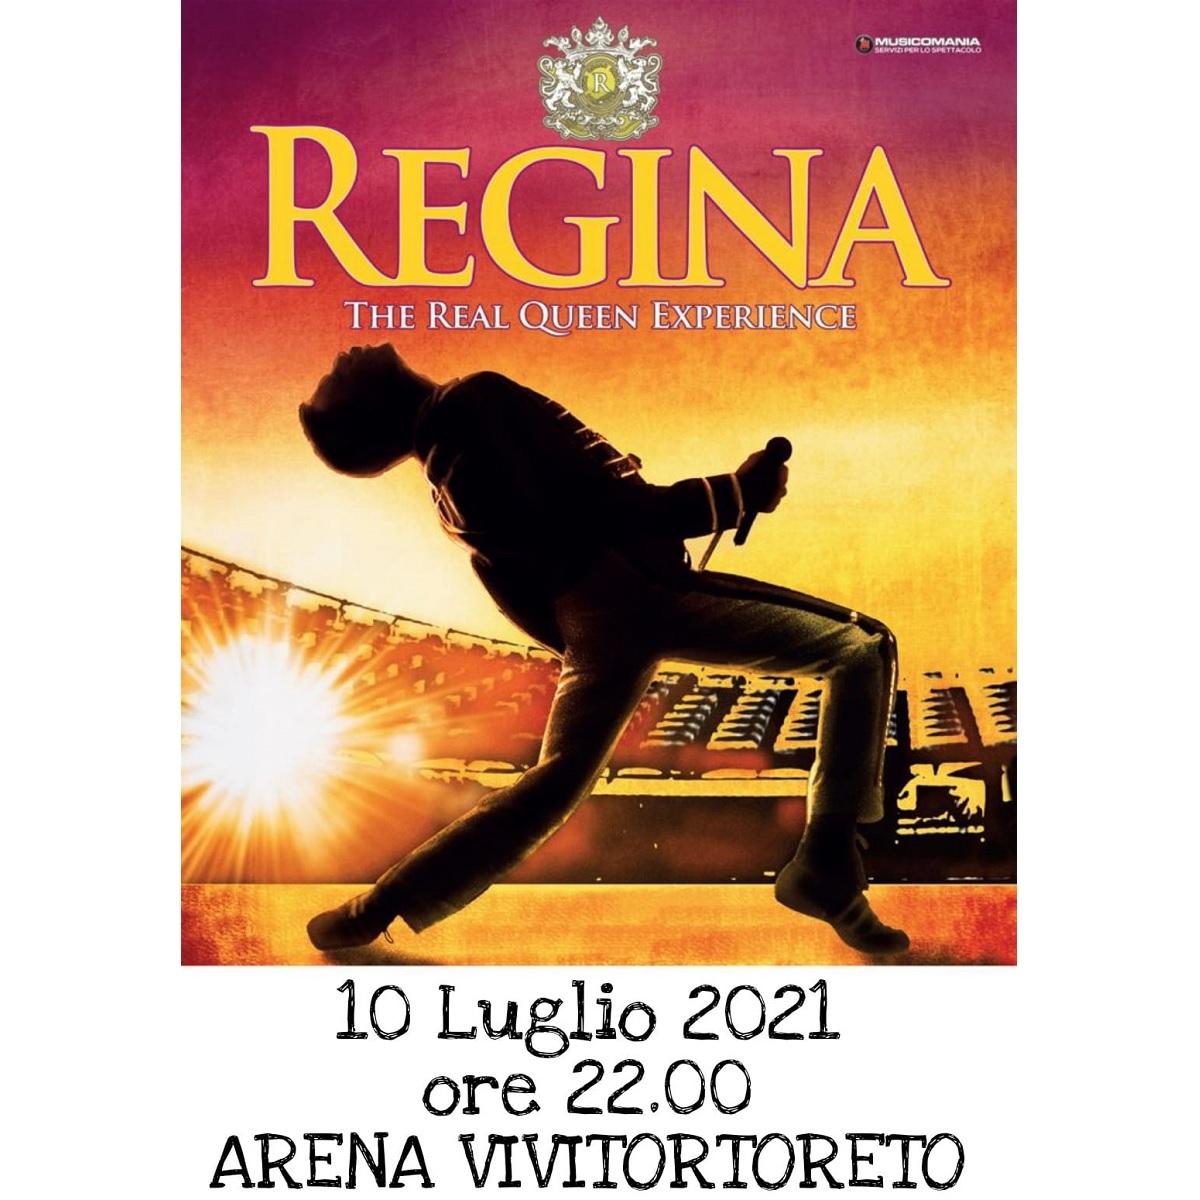 Regina The Real Queen Experience 10 luglio 2021 foto